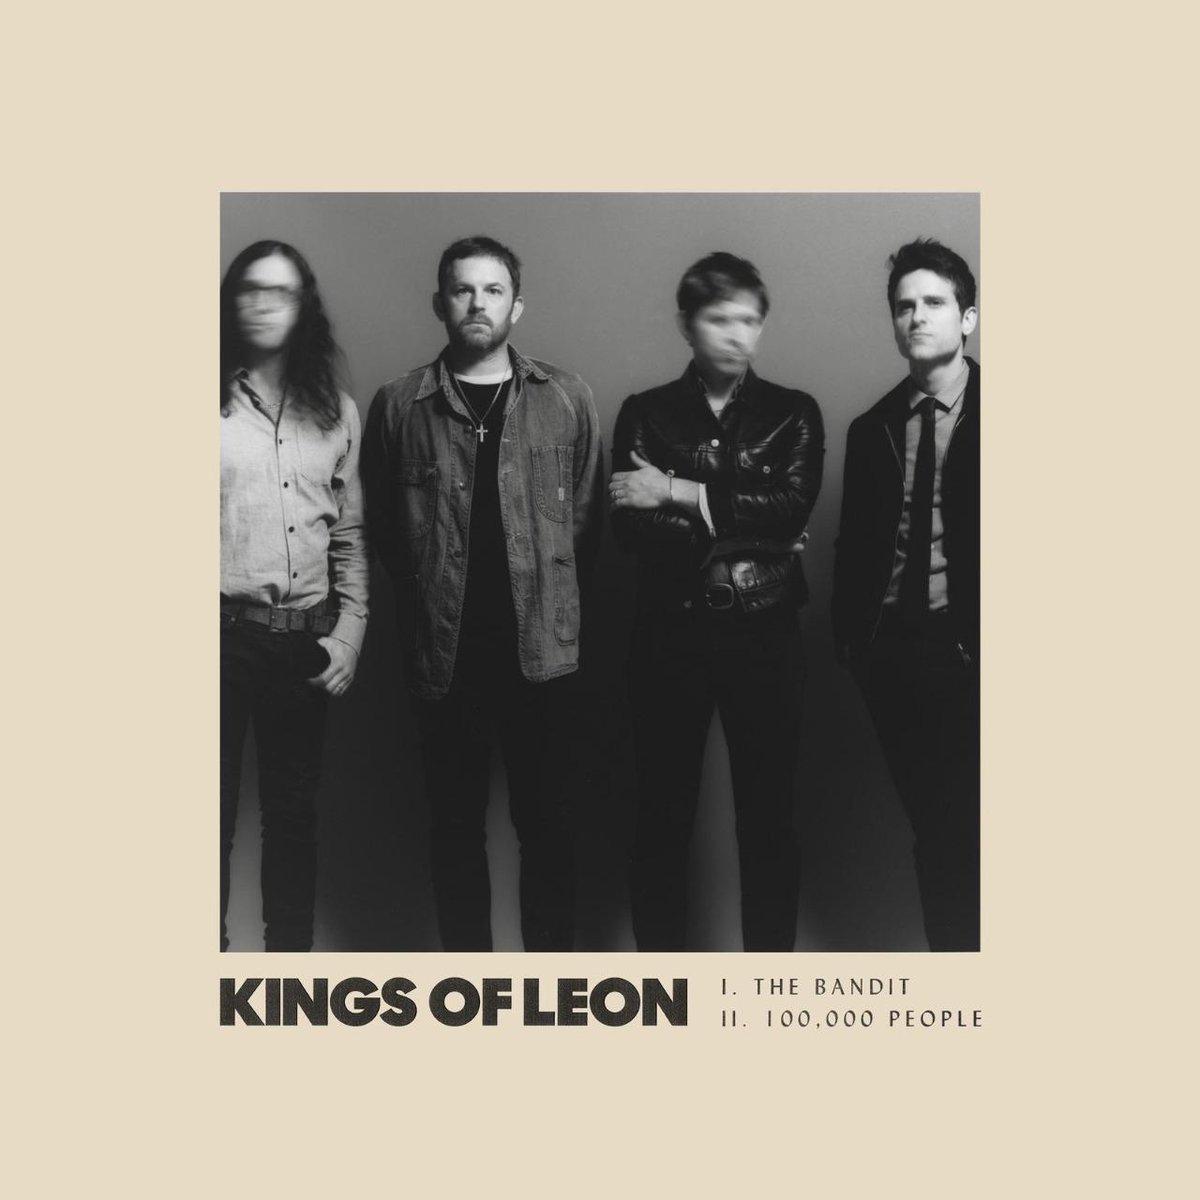 """.@KingsOfLeon anuncia oficialmente el lanzamiento de su muy esperado octavo álbum de estudio, #WhenYouSeeYourself, el cual saldrá el 5 de marzo. El sencillo principal, """"The Bandit"""", ya está disponible junto a un video musical que define el tono sonoro y visual del álbum."""